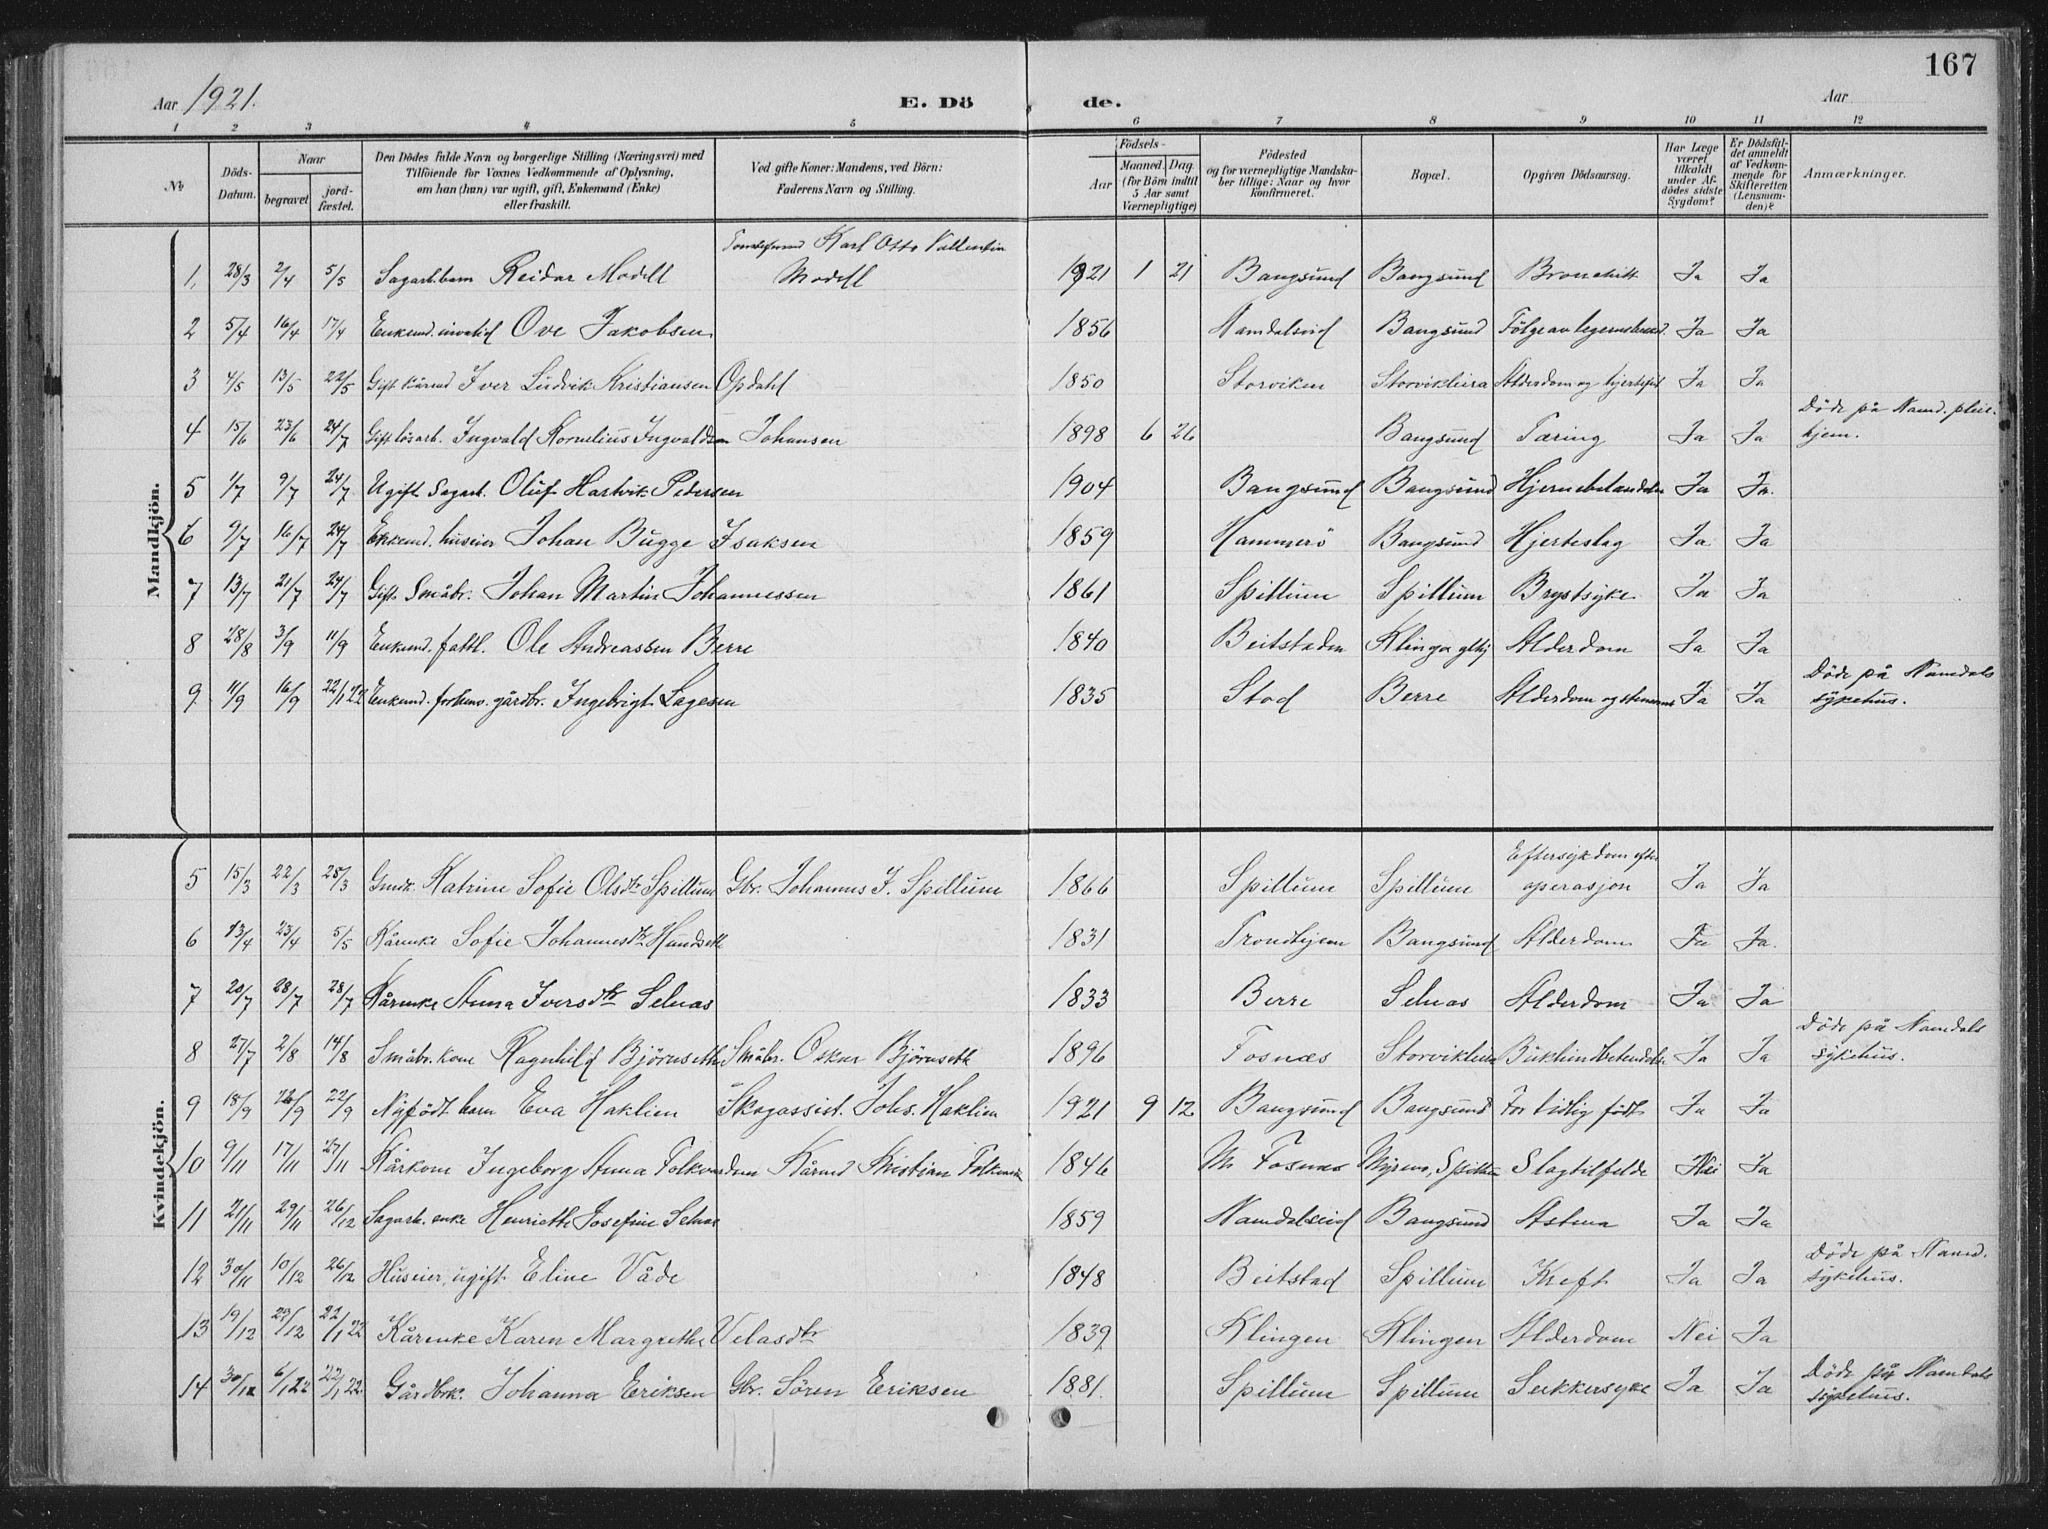 SAT, Ministerialprotokoller, klokkerbøker og fødselsregistre - Nord-Trøndelag, 770/L0591: Klokkerbok nr. 770C02, 1902-1940, s. 167